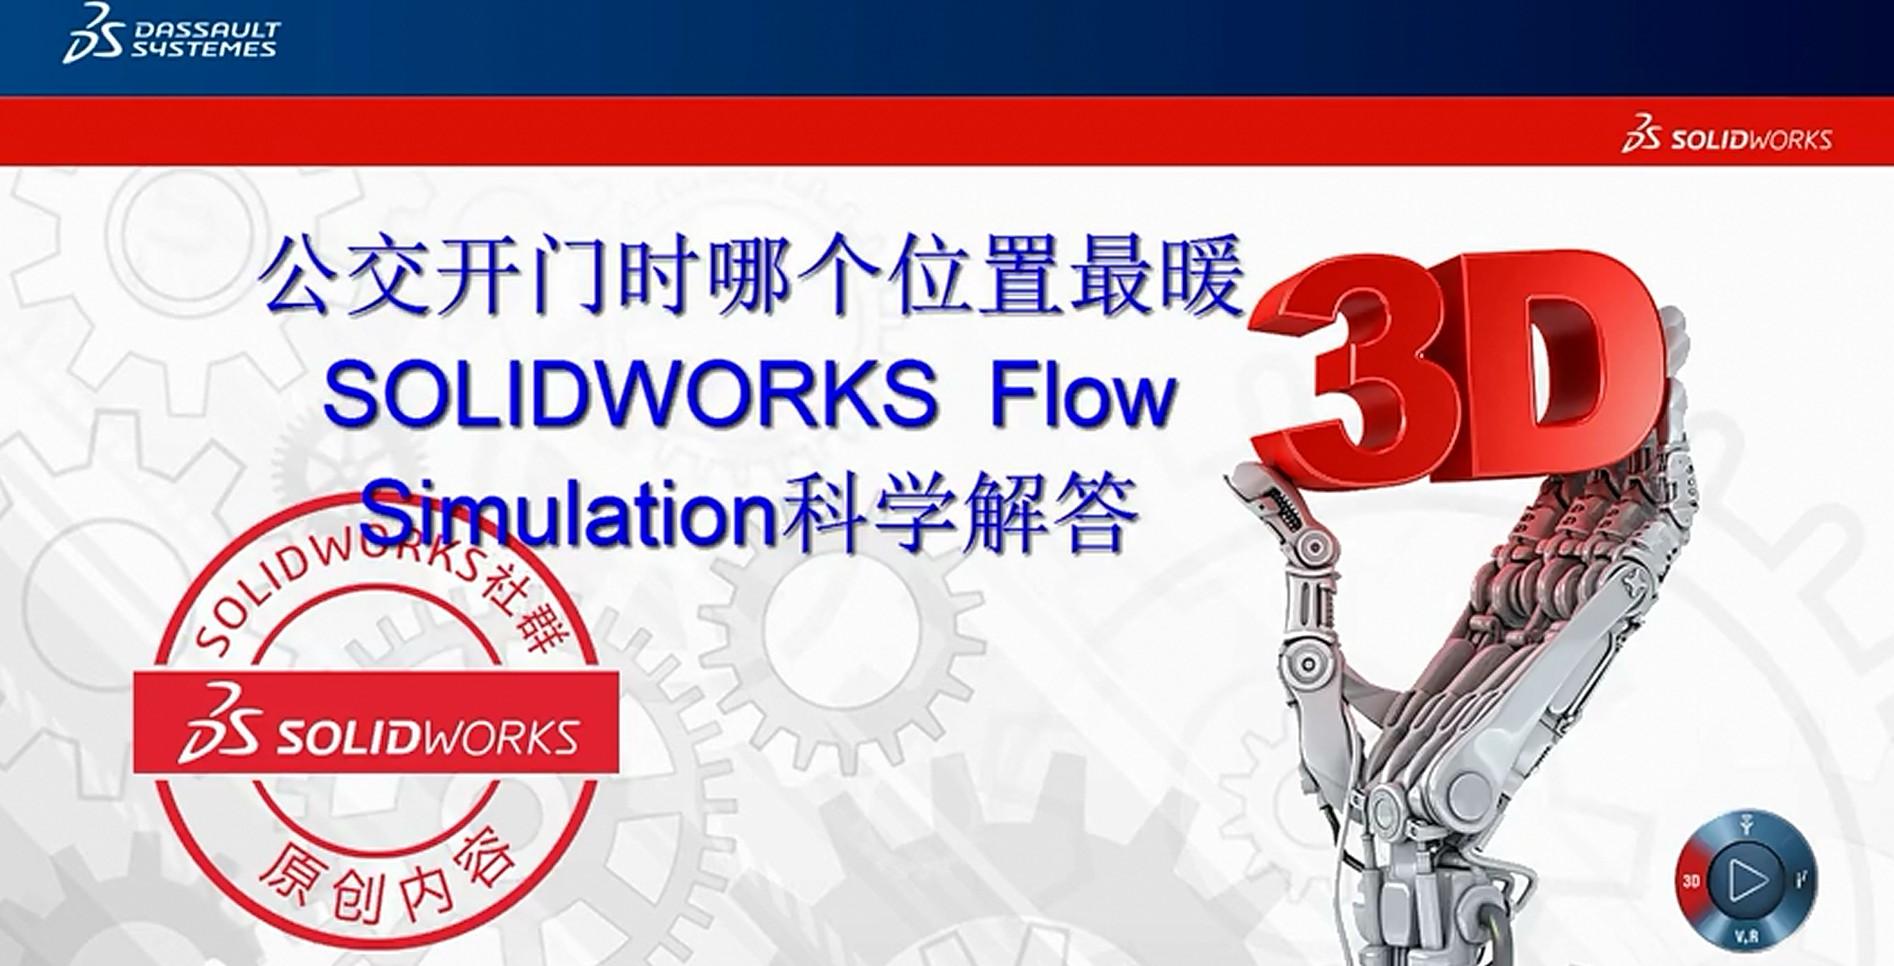 【SolidWorks生活科普频道】公交开门时哪个位置最暖?